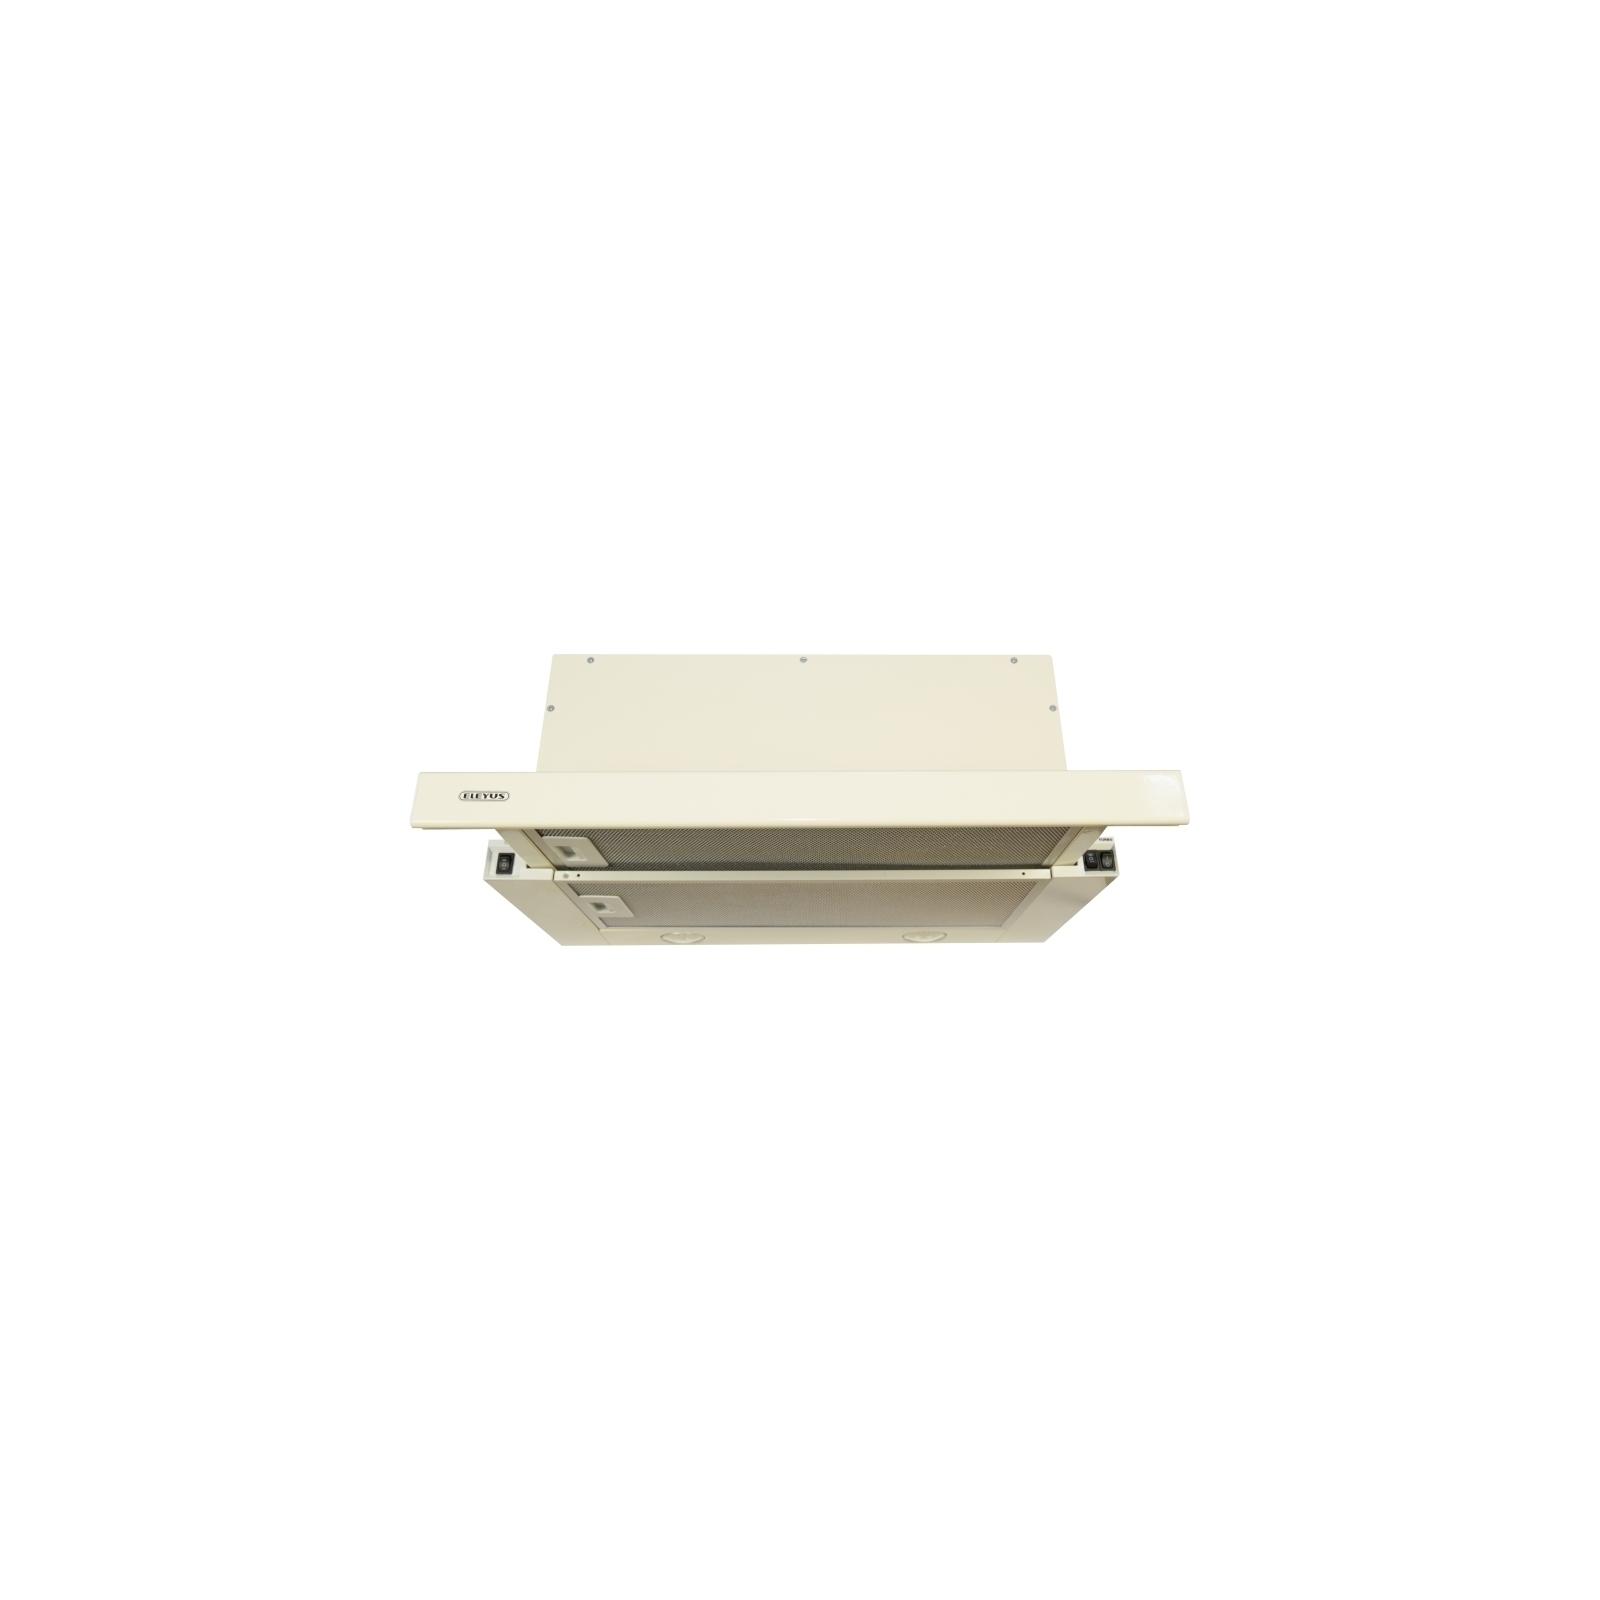 Вытяжка кухонная ELEYUS Storm 1200 LED 60 BG изображение 2